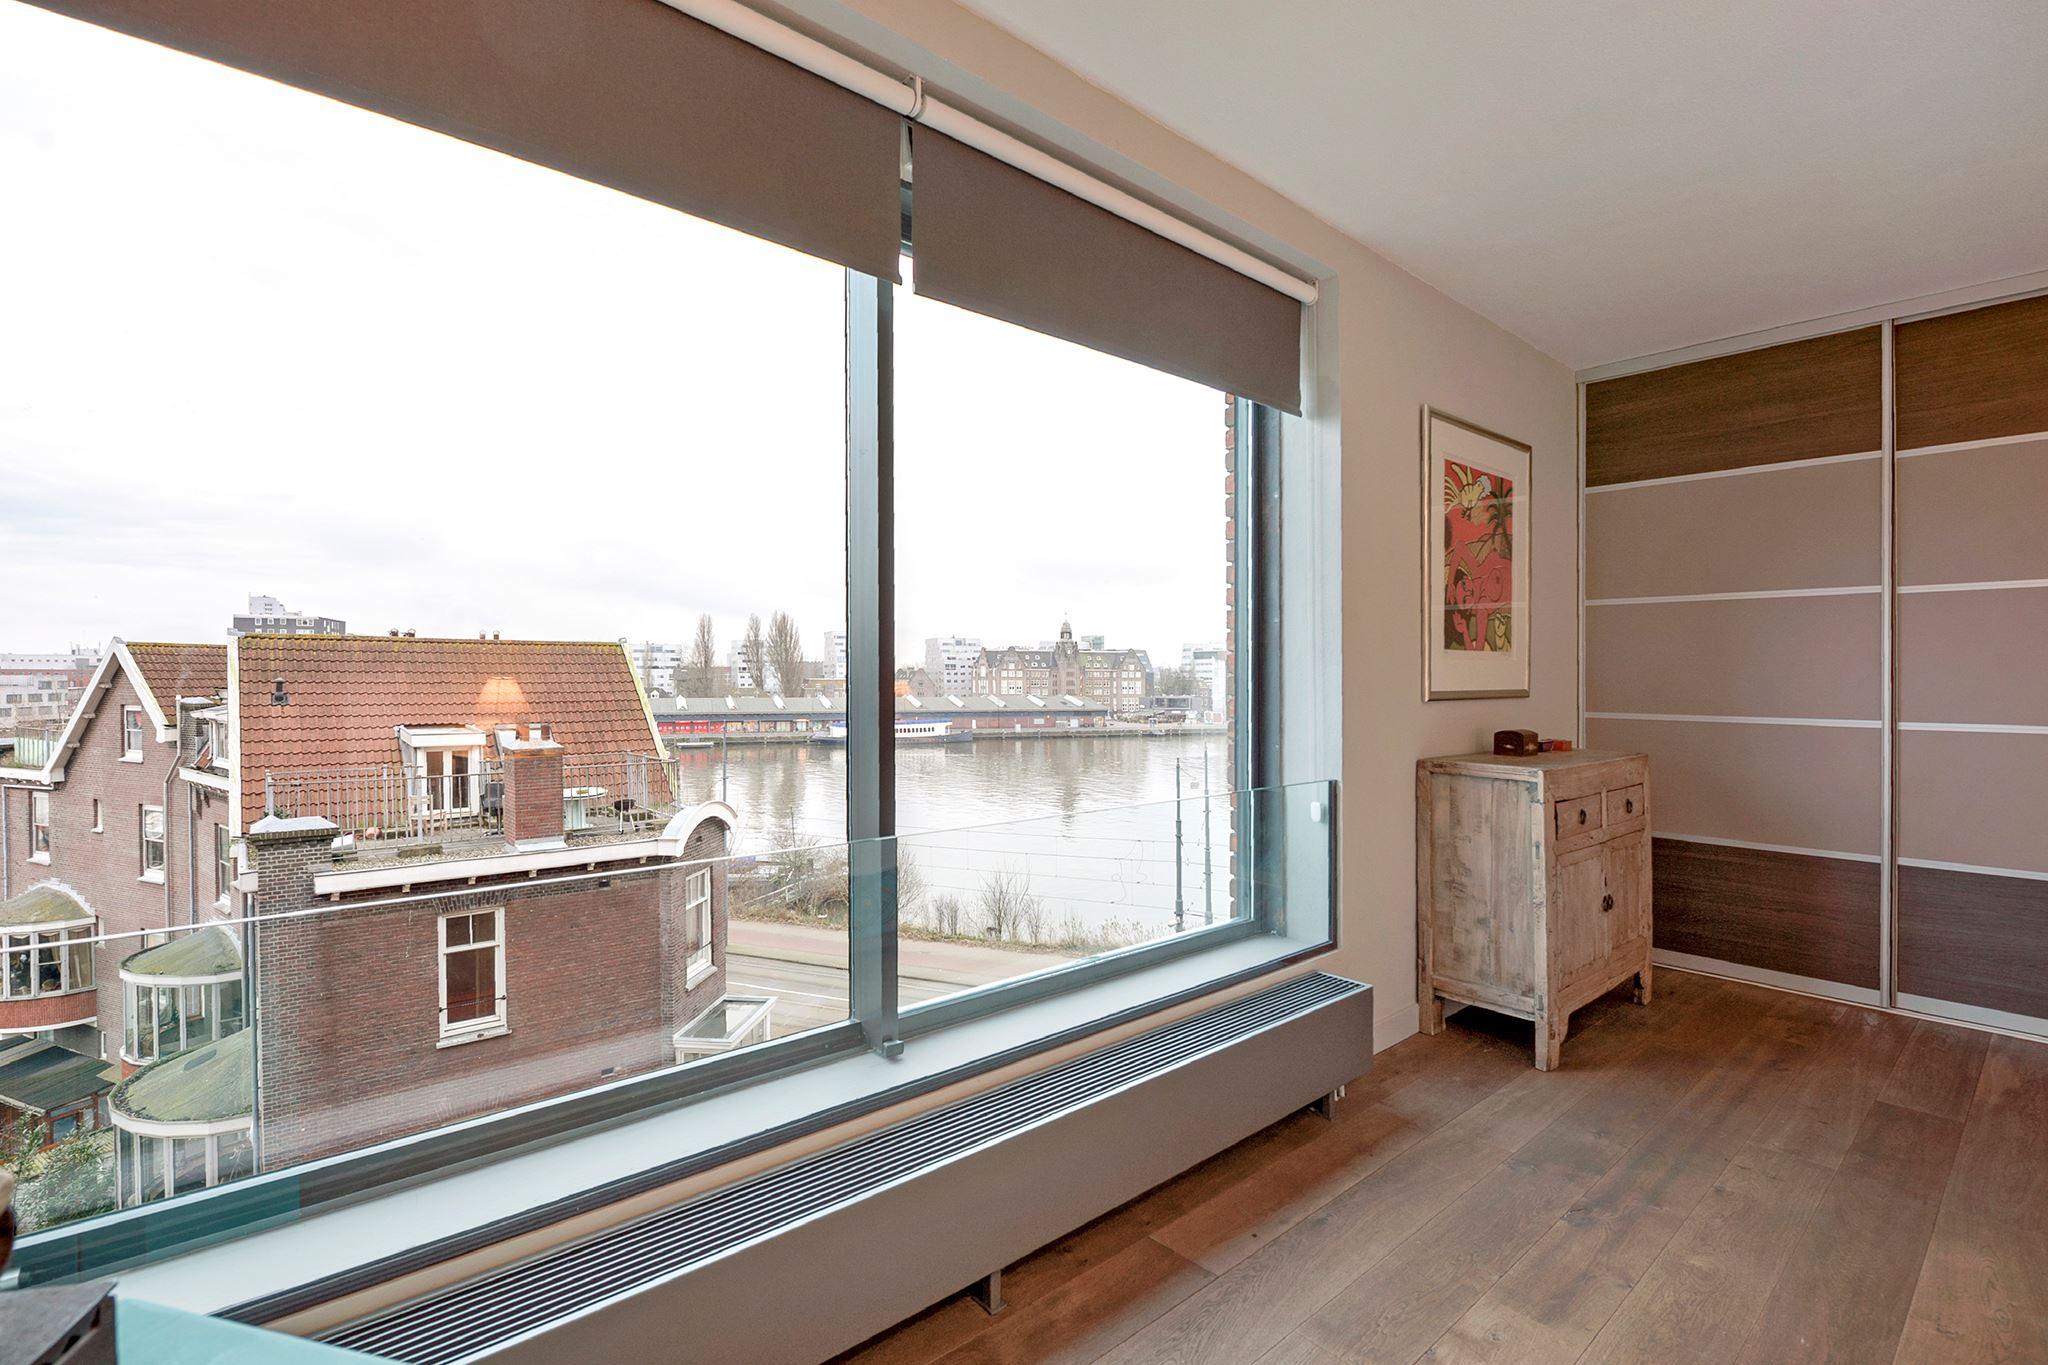 Inloopkast Knsm Loft : Verkocht: knsm laan 54 1019 ll amsterdam [funda]